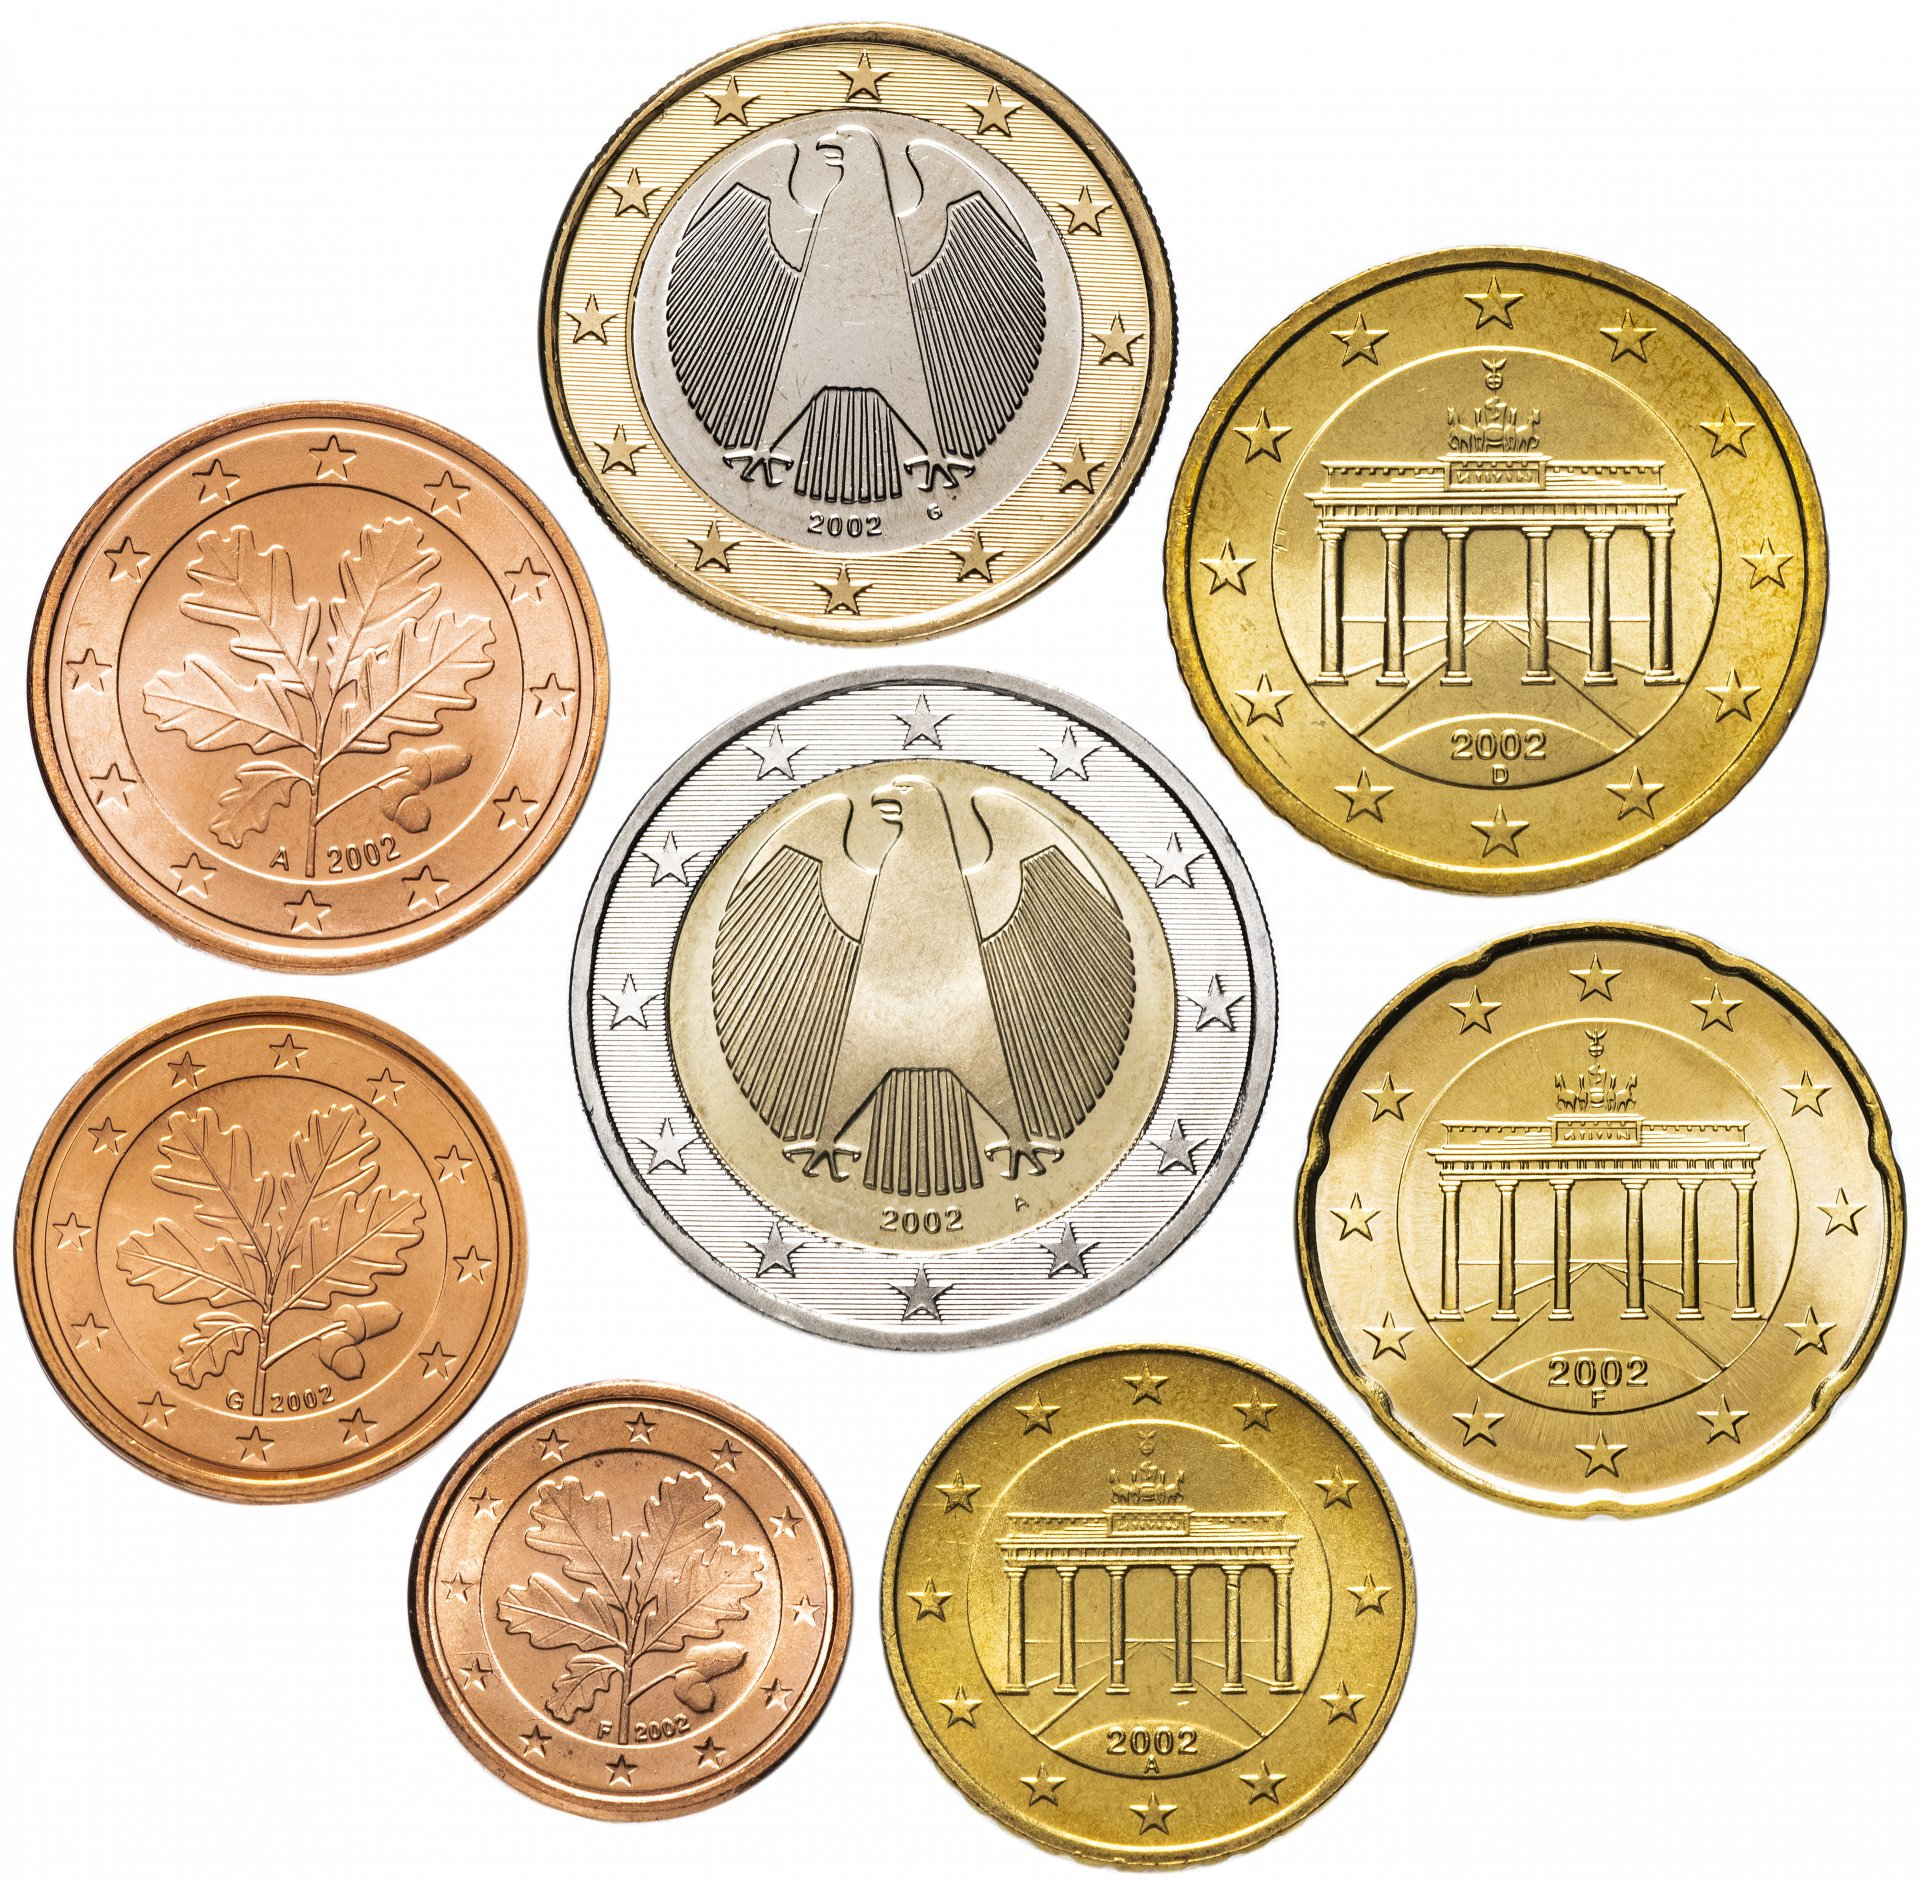 нашли спутниковой монеты других стран ценные в картинках пойманной